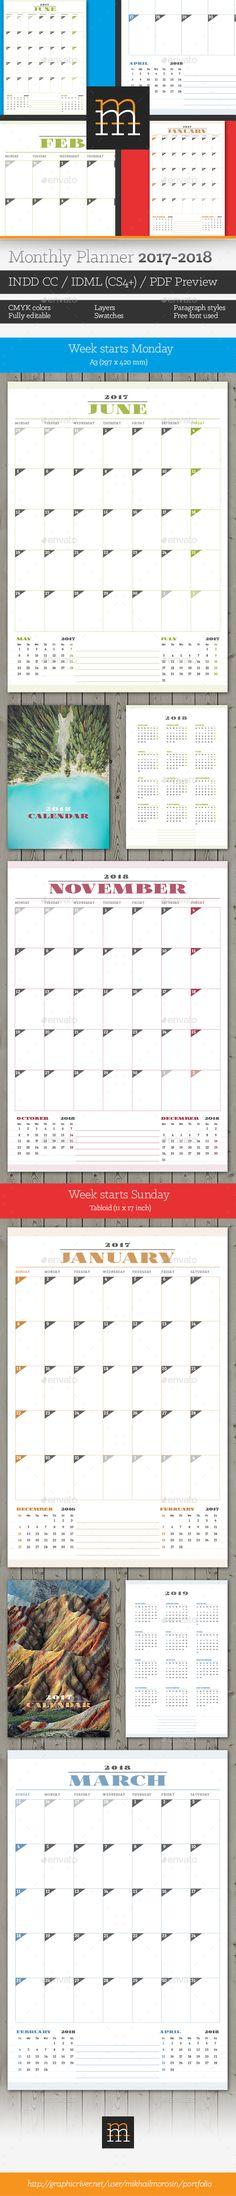 monthly planner 2017 template indesign indd calendar templates pinterest. Black Bedroom Furniture Sets. Home Design Ideas